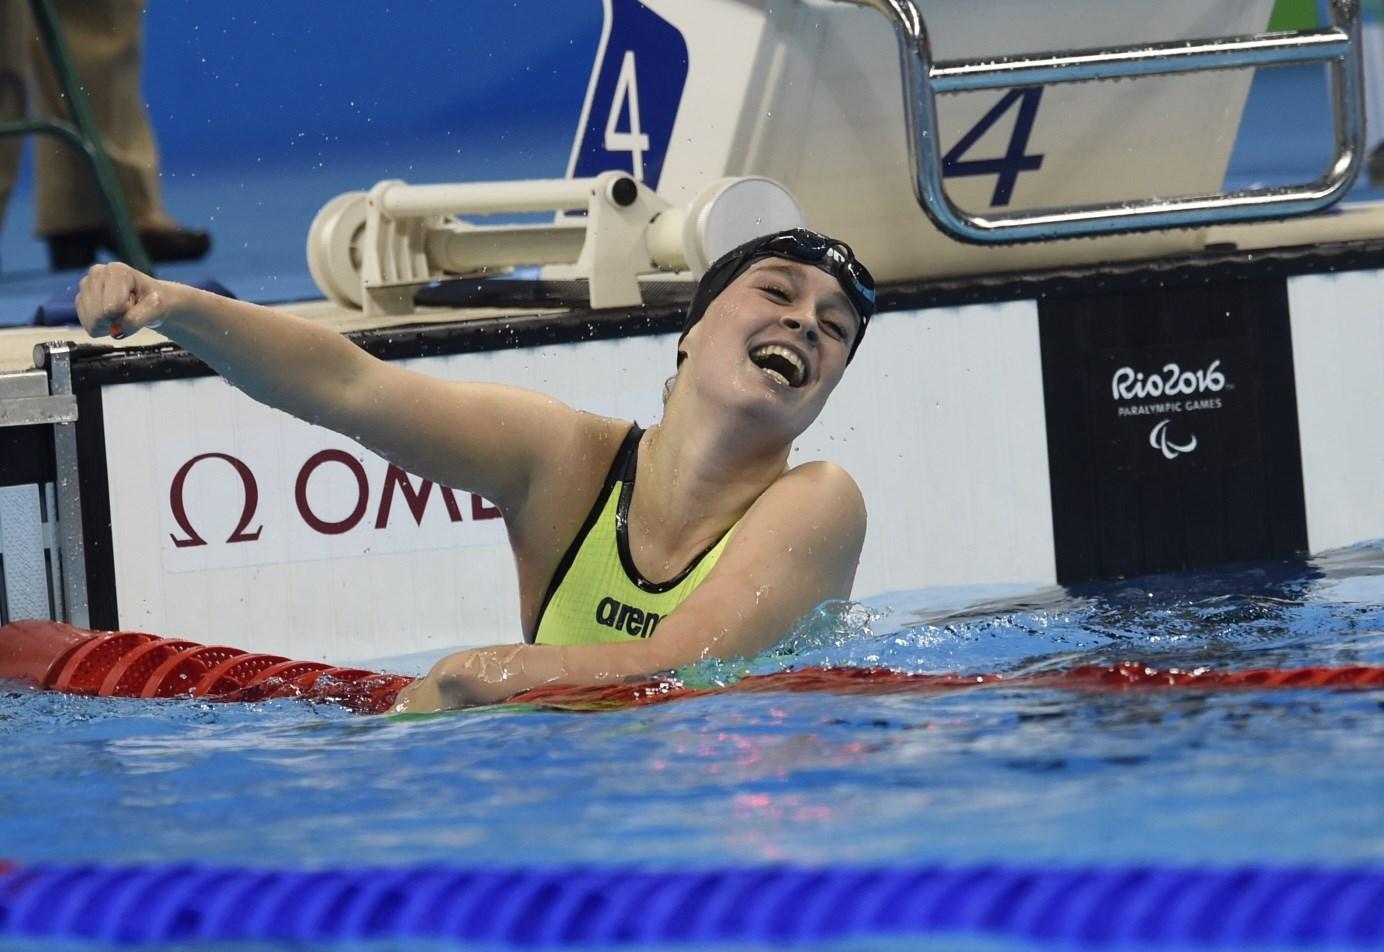 Medailleregen in zwembad: goud, twee zilver en drie brons